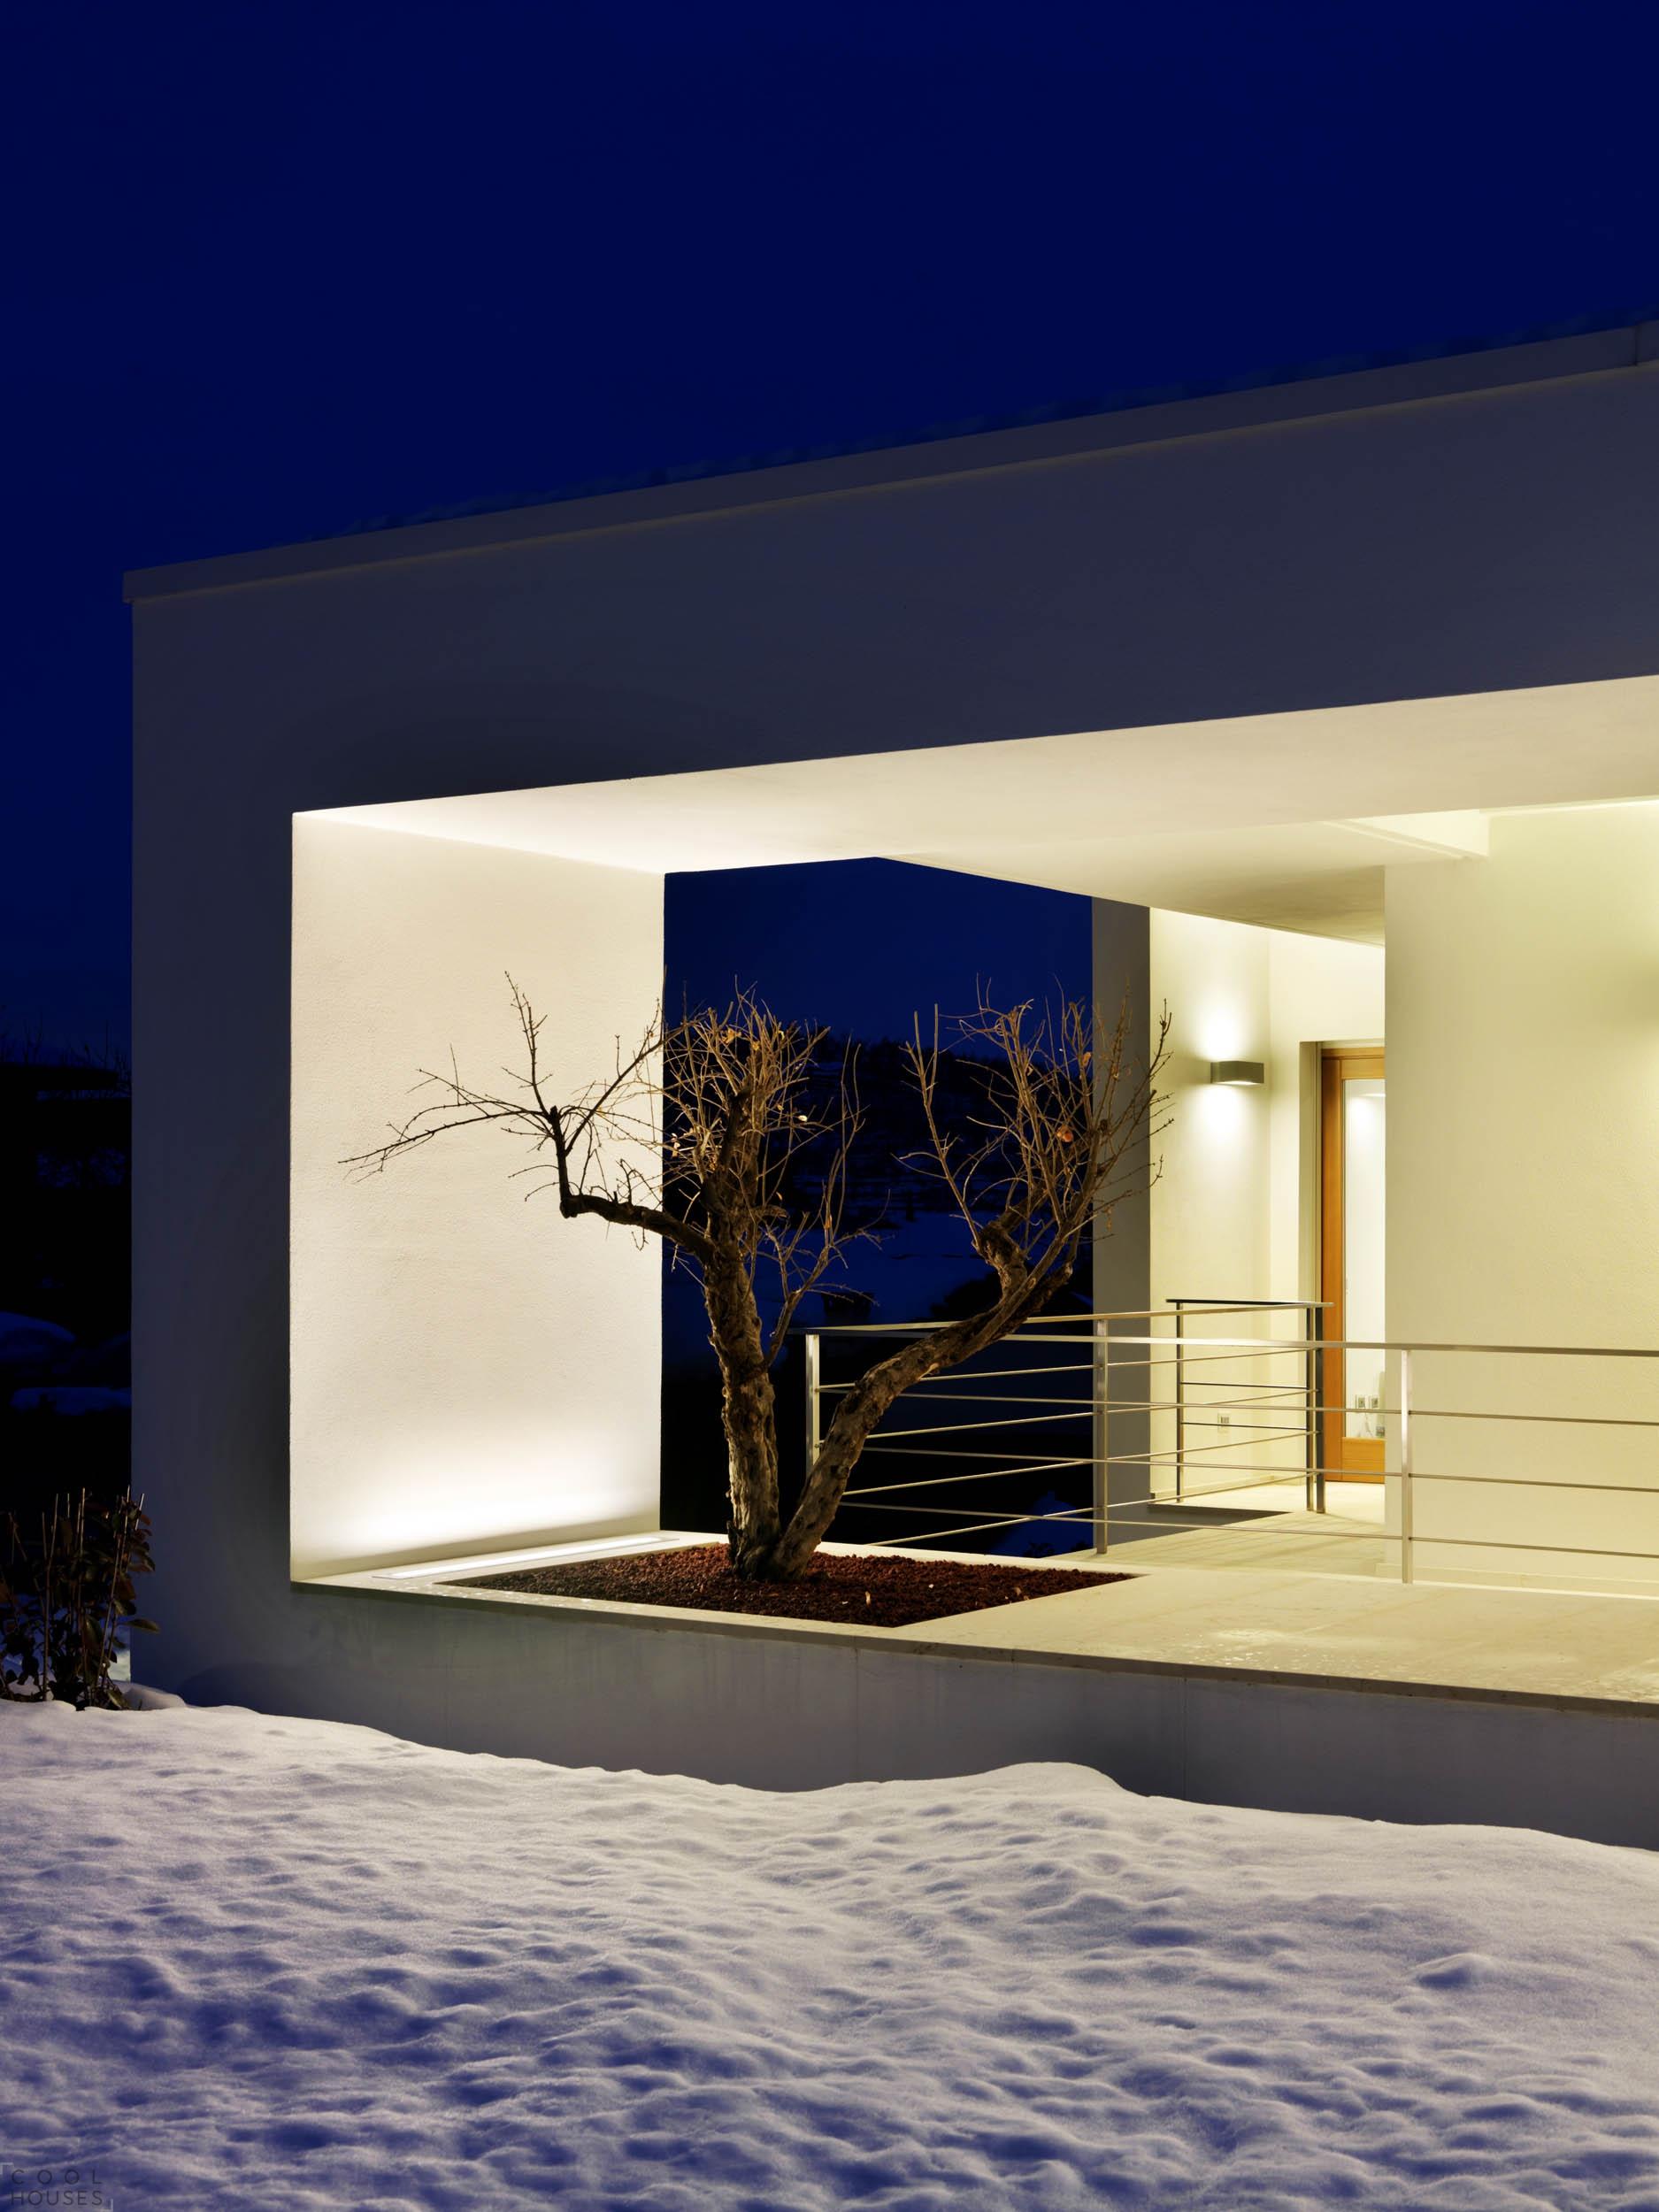 Шикарная вилла в стиле минимализм в Пьемонте, северо-запад Италии